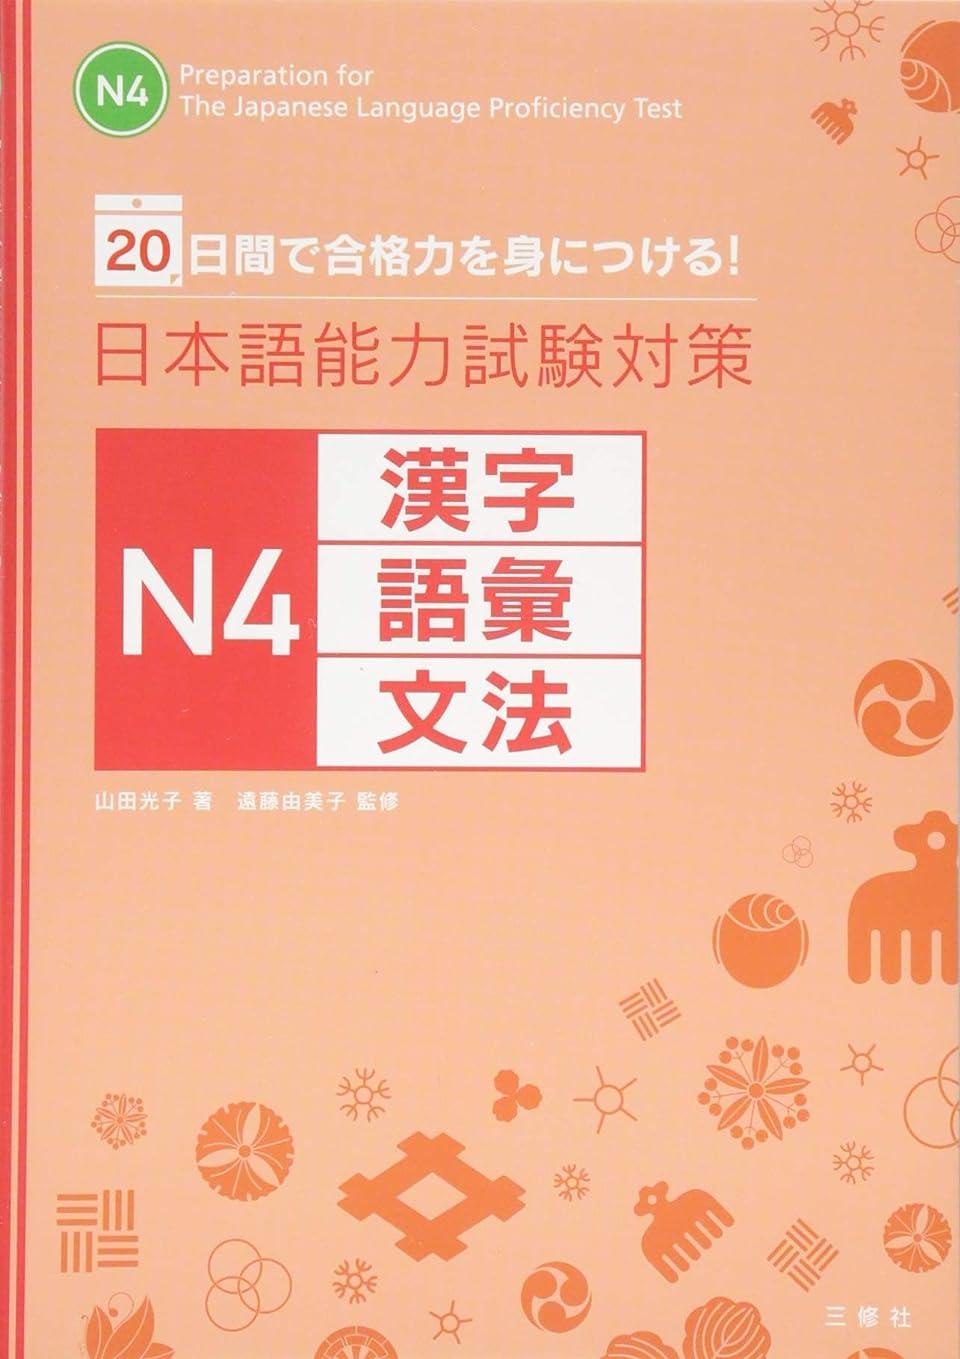 賄賂疑い者こどもの日日本語能力試験対策N4 漢字?語彙?文法